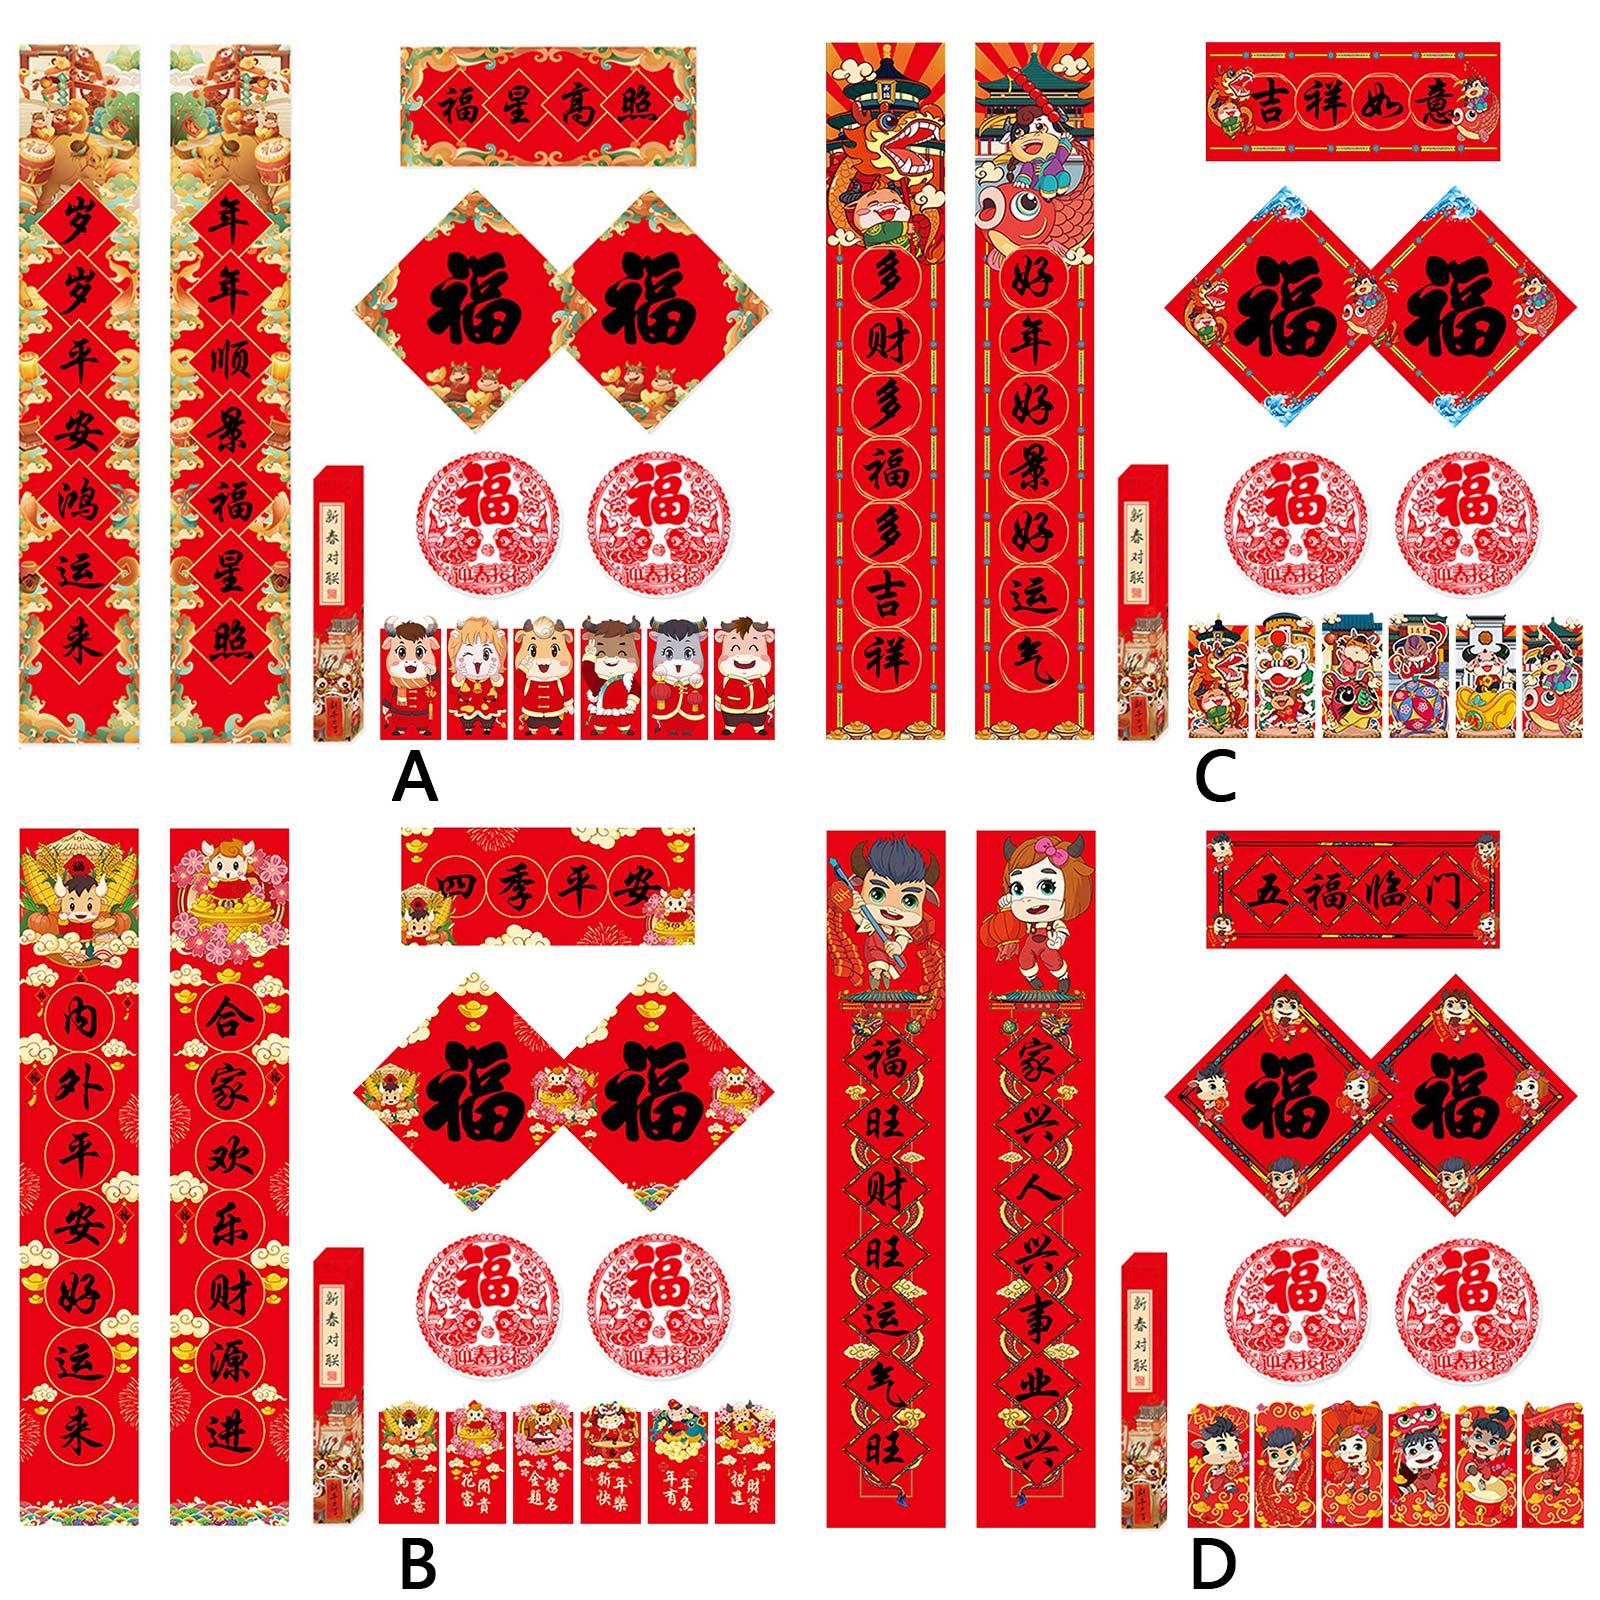 Behogar 2021 китайский Новый год комплект для декорирования Двустишия фу символов Бумага-разрезами красный конверты для весеннего фестиваля Дек...